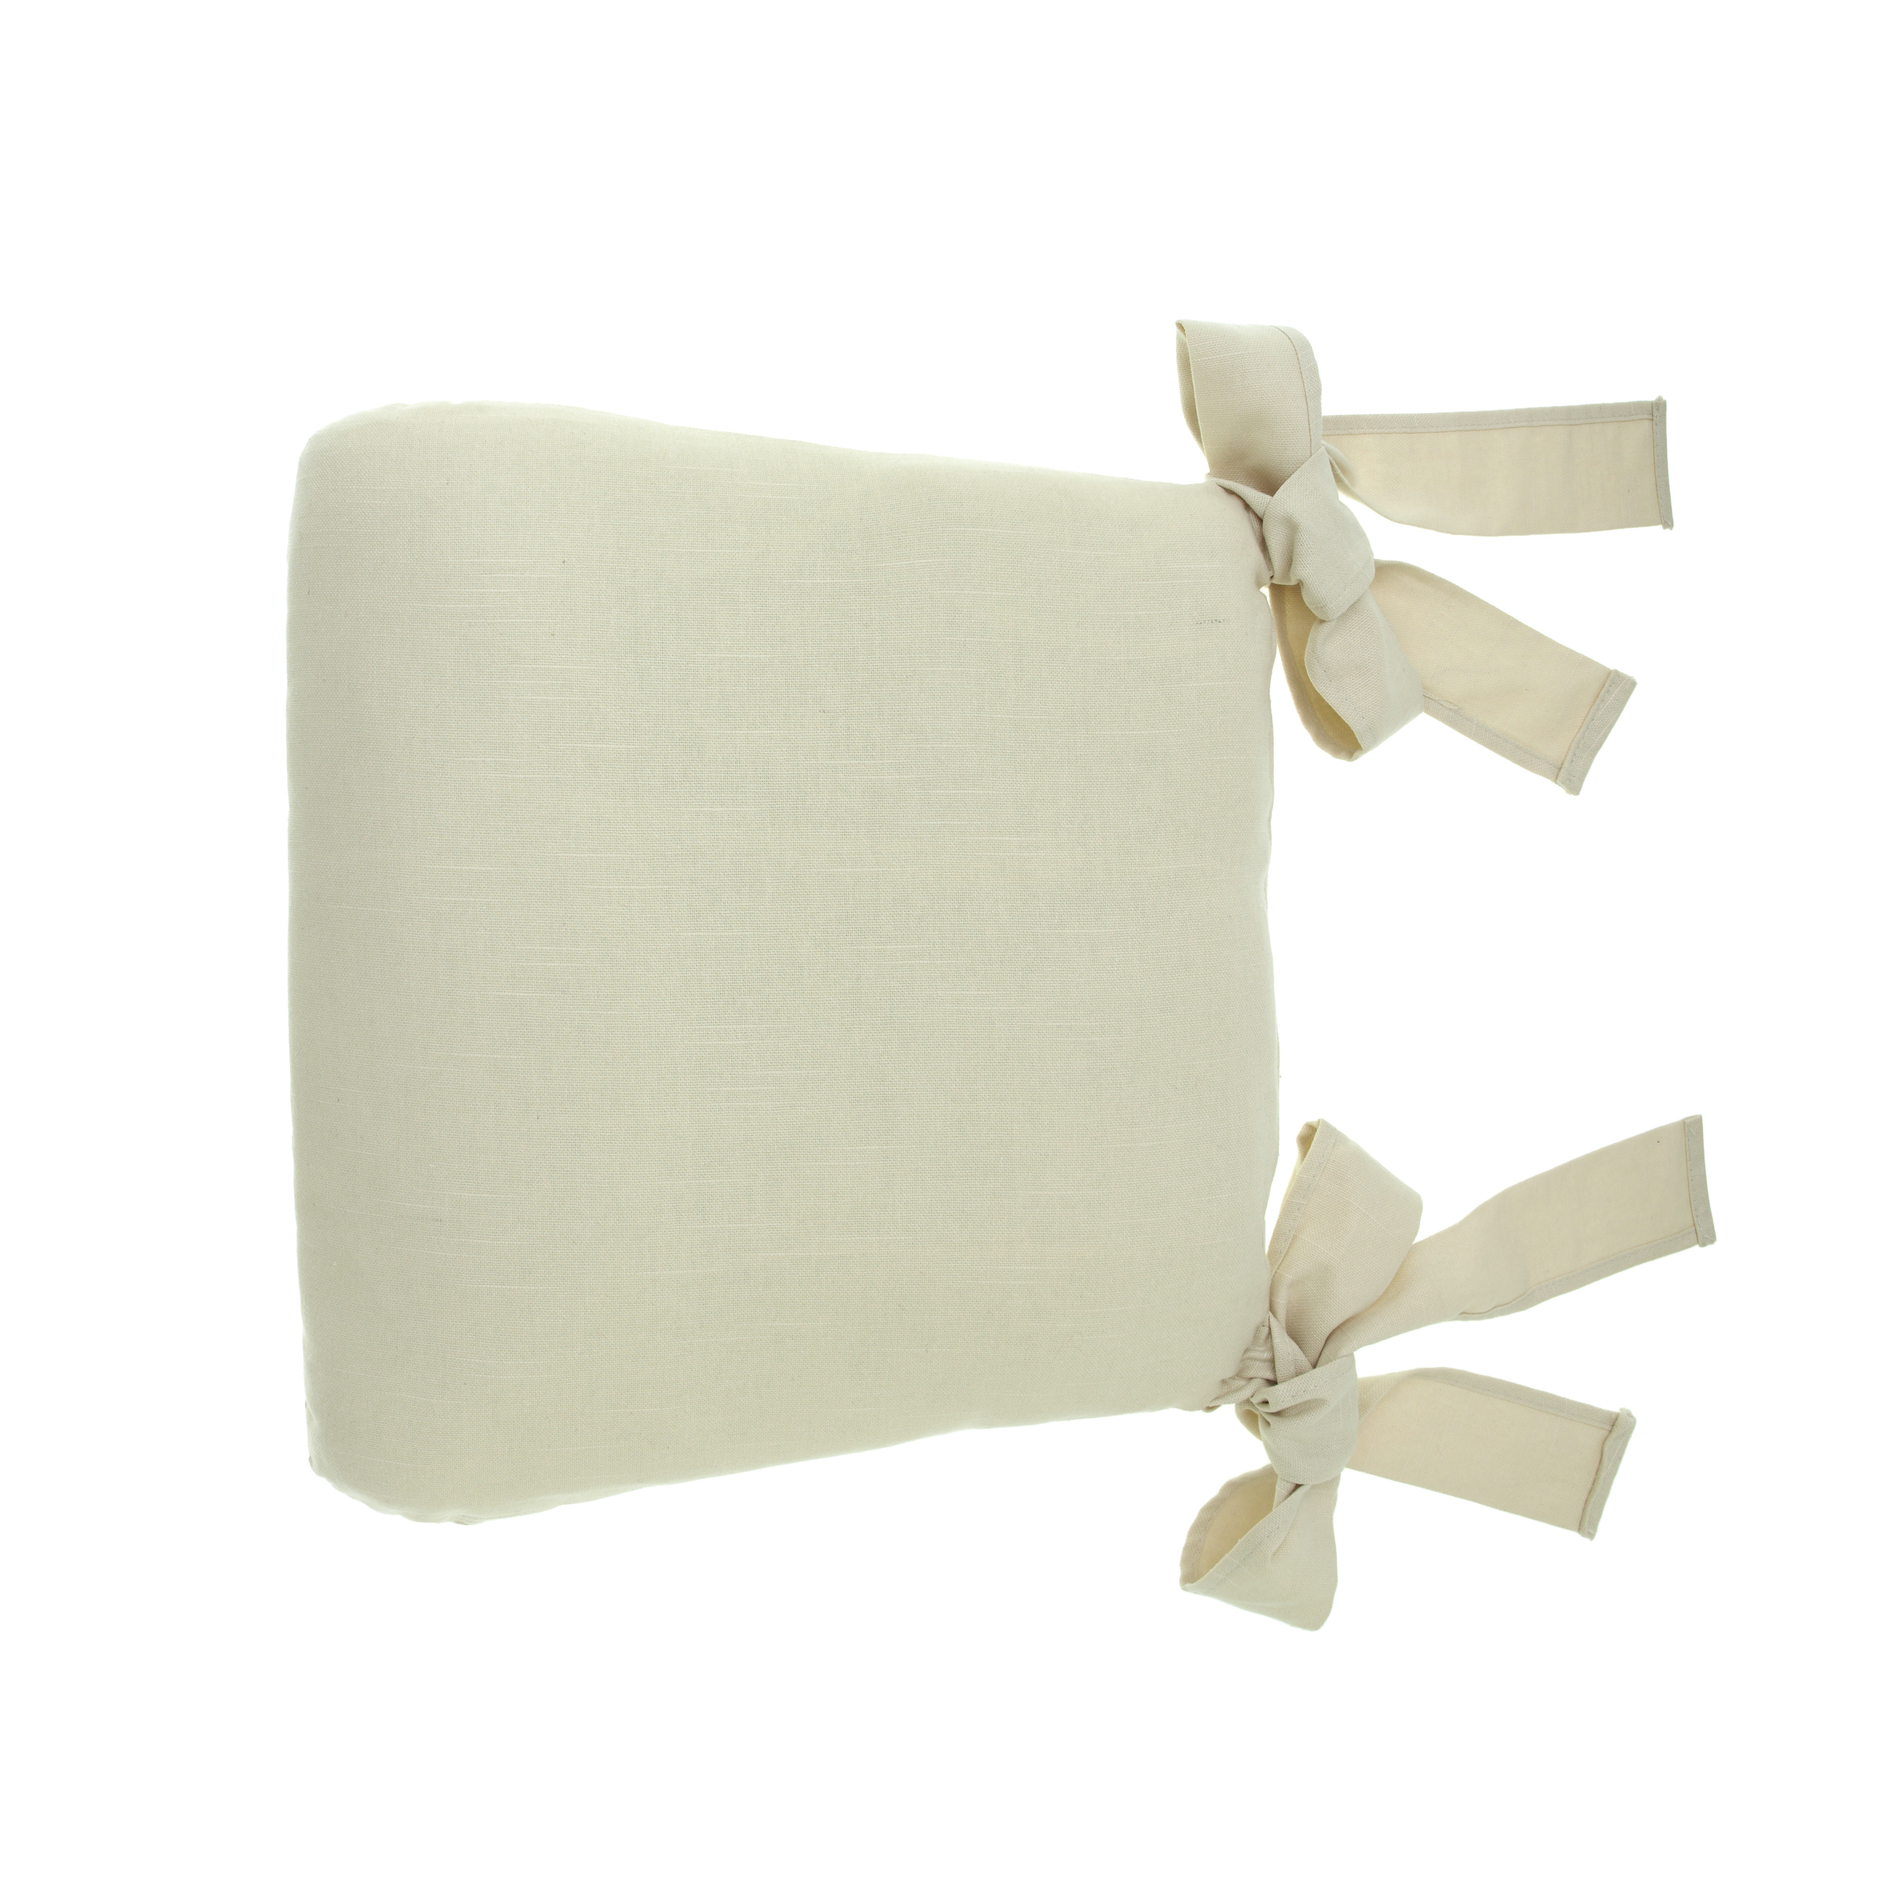 Cuscino sedia trapezio - coincasa